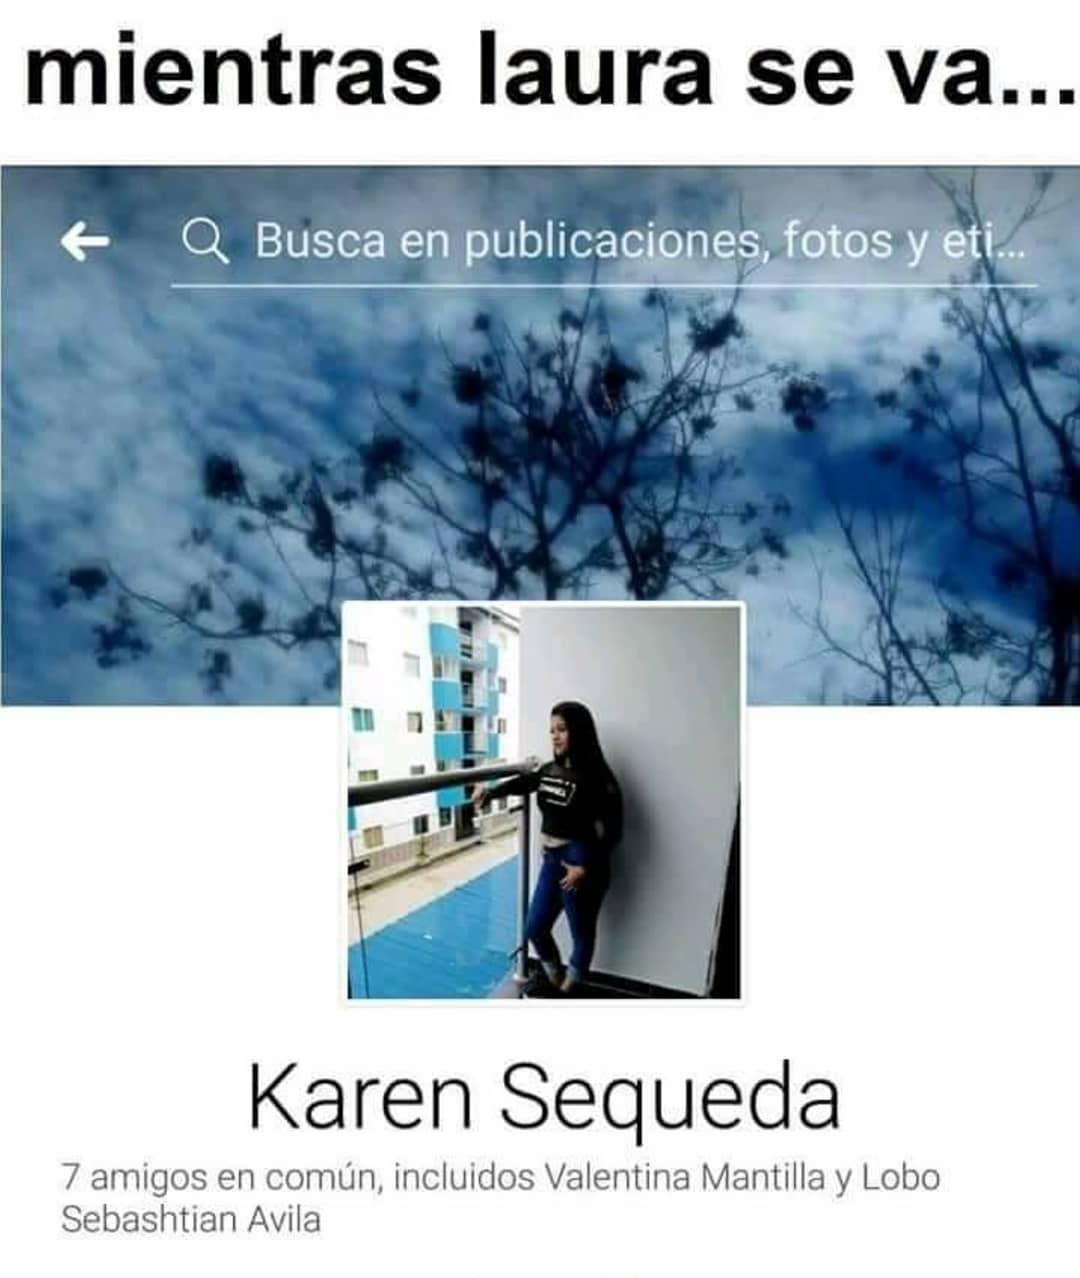 Mientras Laura se va... Karen se queda.